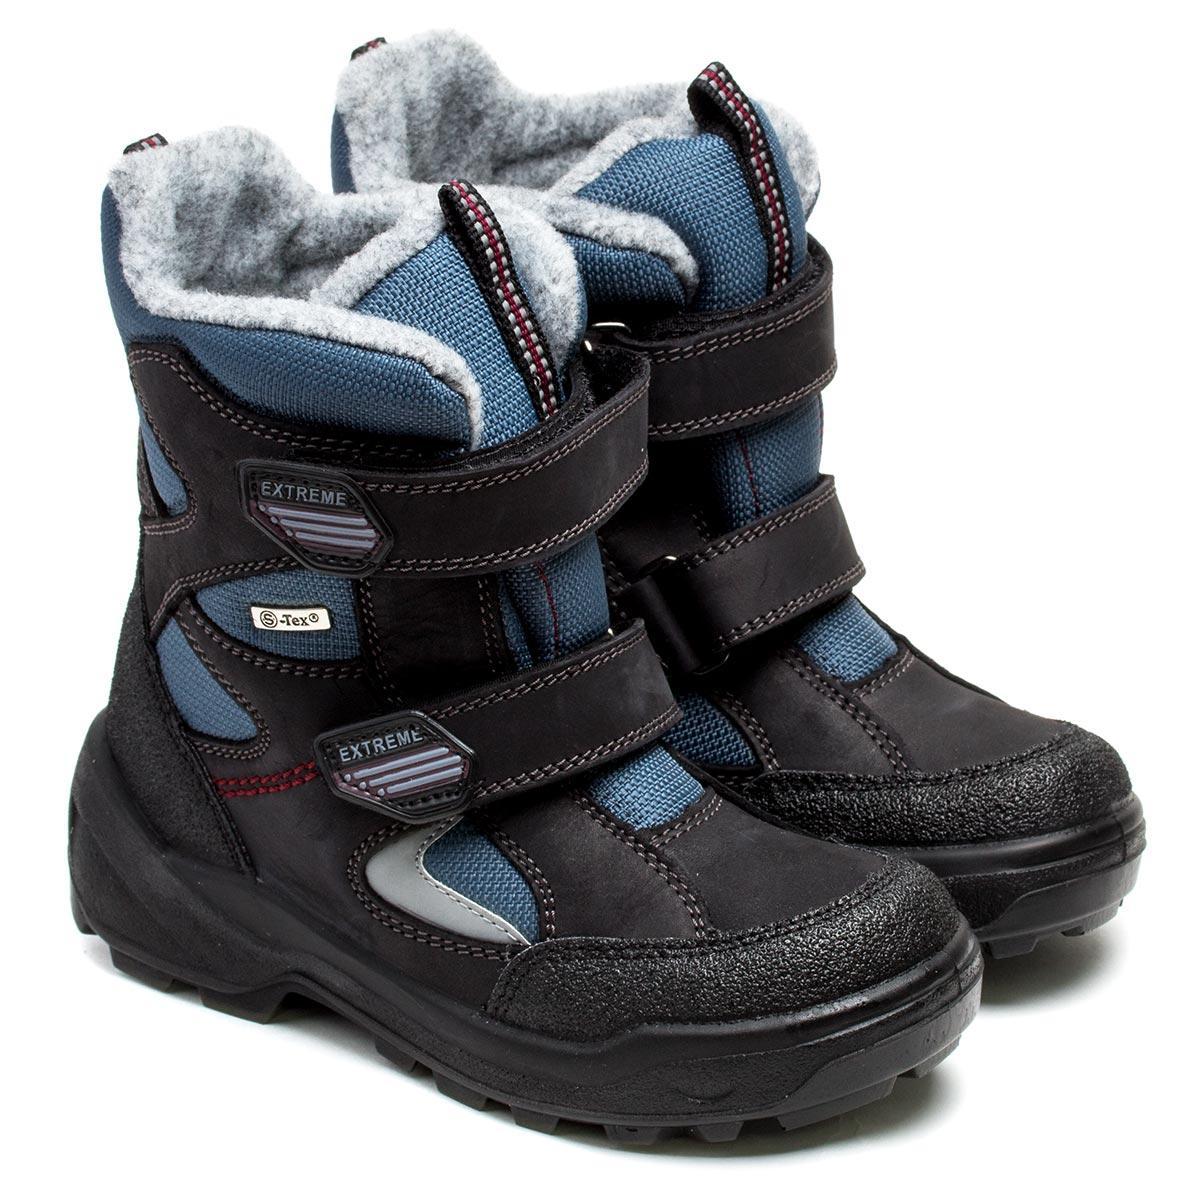 ad4713ad8 Зимние ботинки для мальчика ТМ Капика (Floare), мембранные сапожки на дух  липучках,